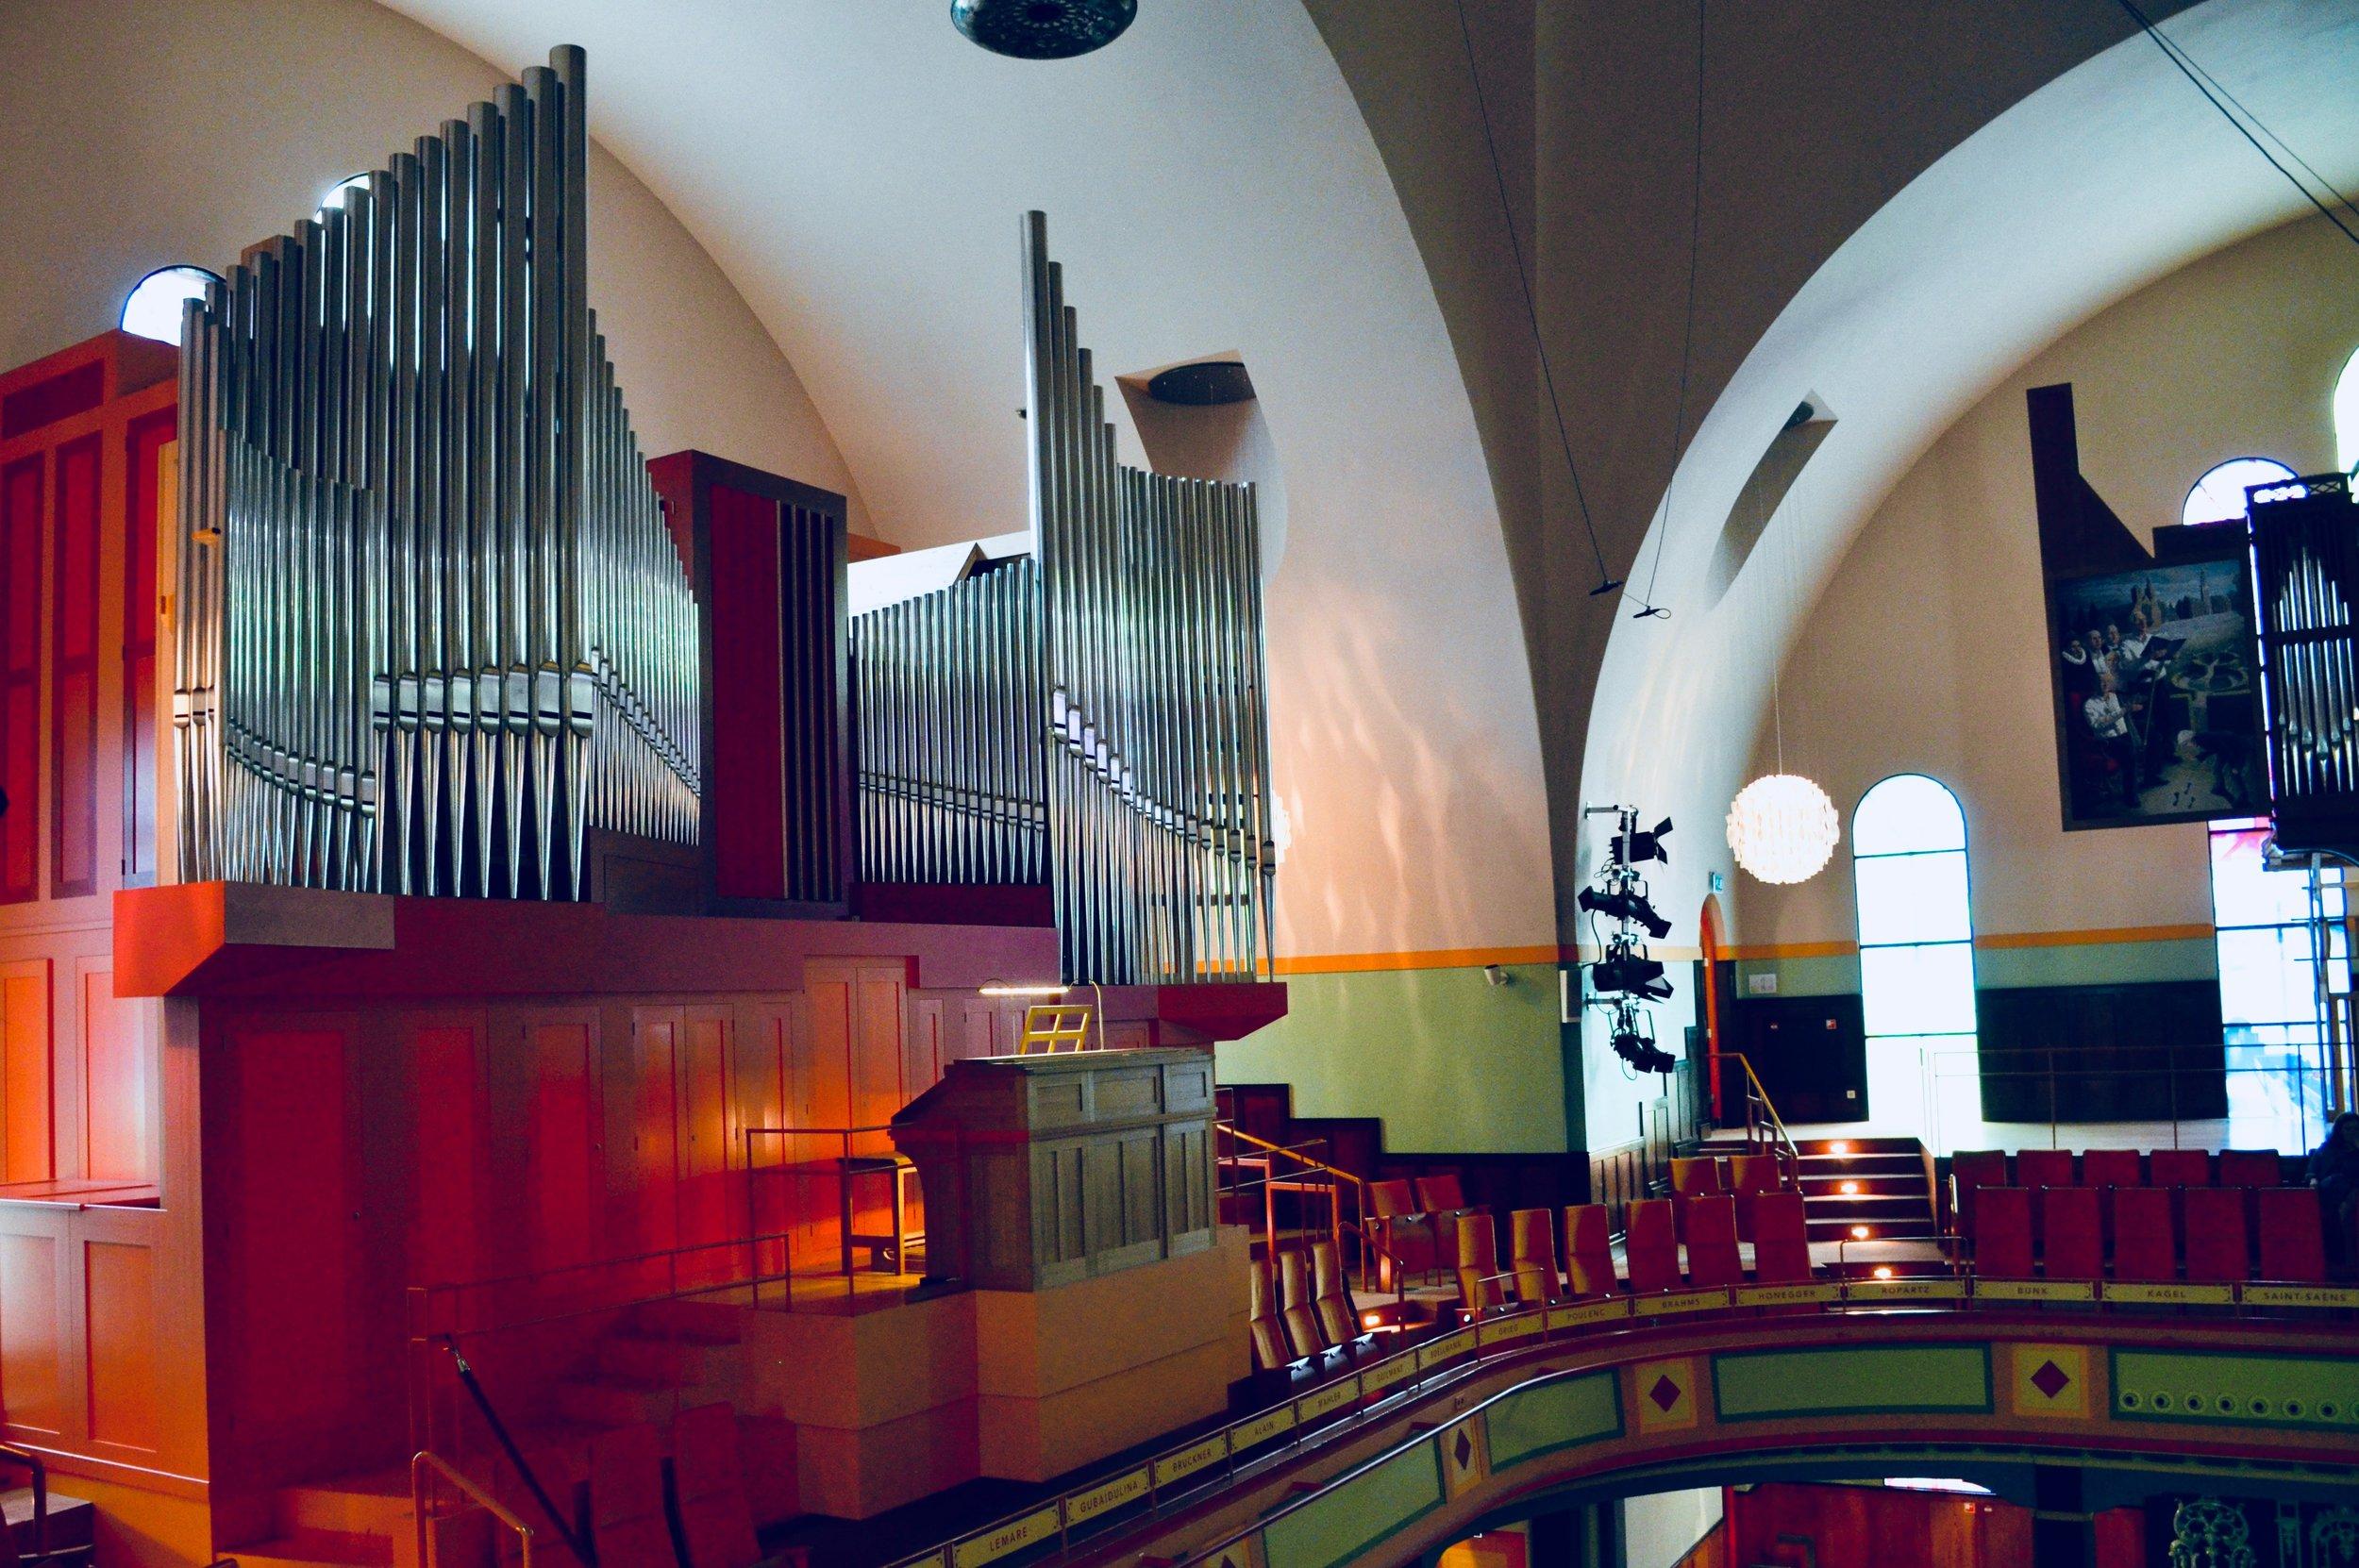 The Verschueren French-romantic organ in Orgelpark, Amsterdam.